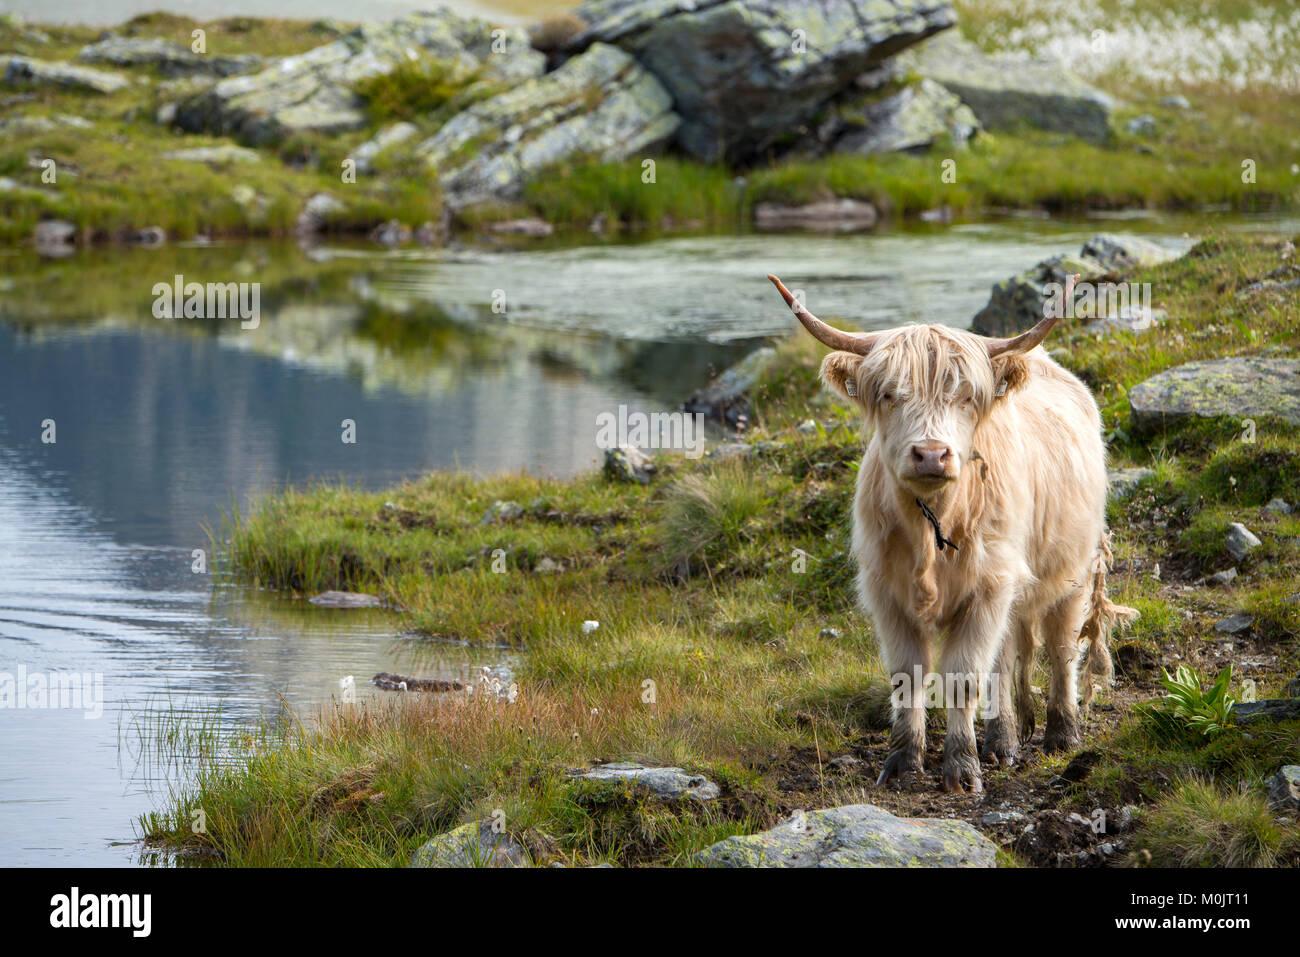 Scottish Highland cattle sur l'alpage, Scheidseen, Galtür, Tyrol, Autriche Photo Stock